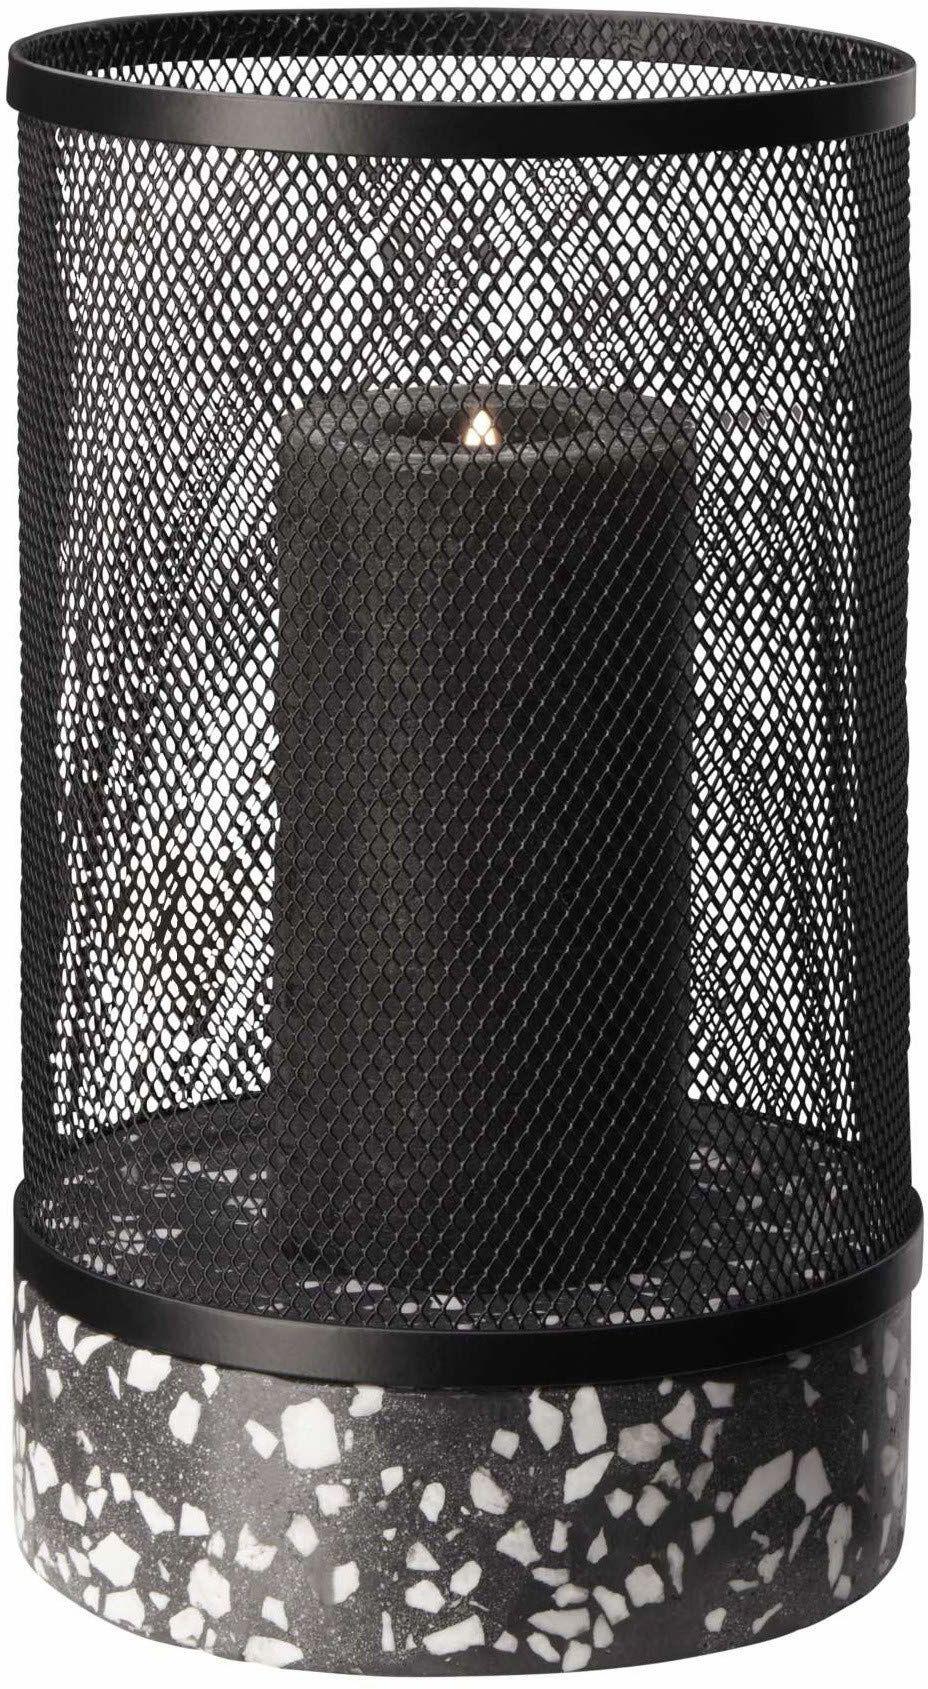 ASA TERRAZZO/219 lampion/terrazzo, czarny, wysokość 27 cm/średnica 16 cm